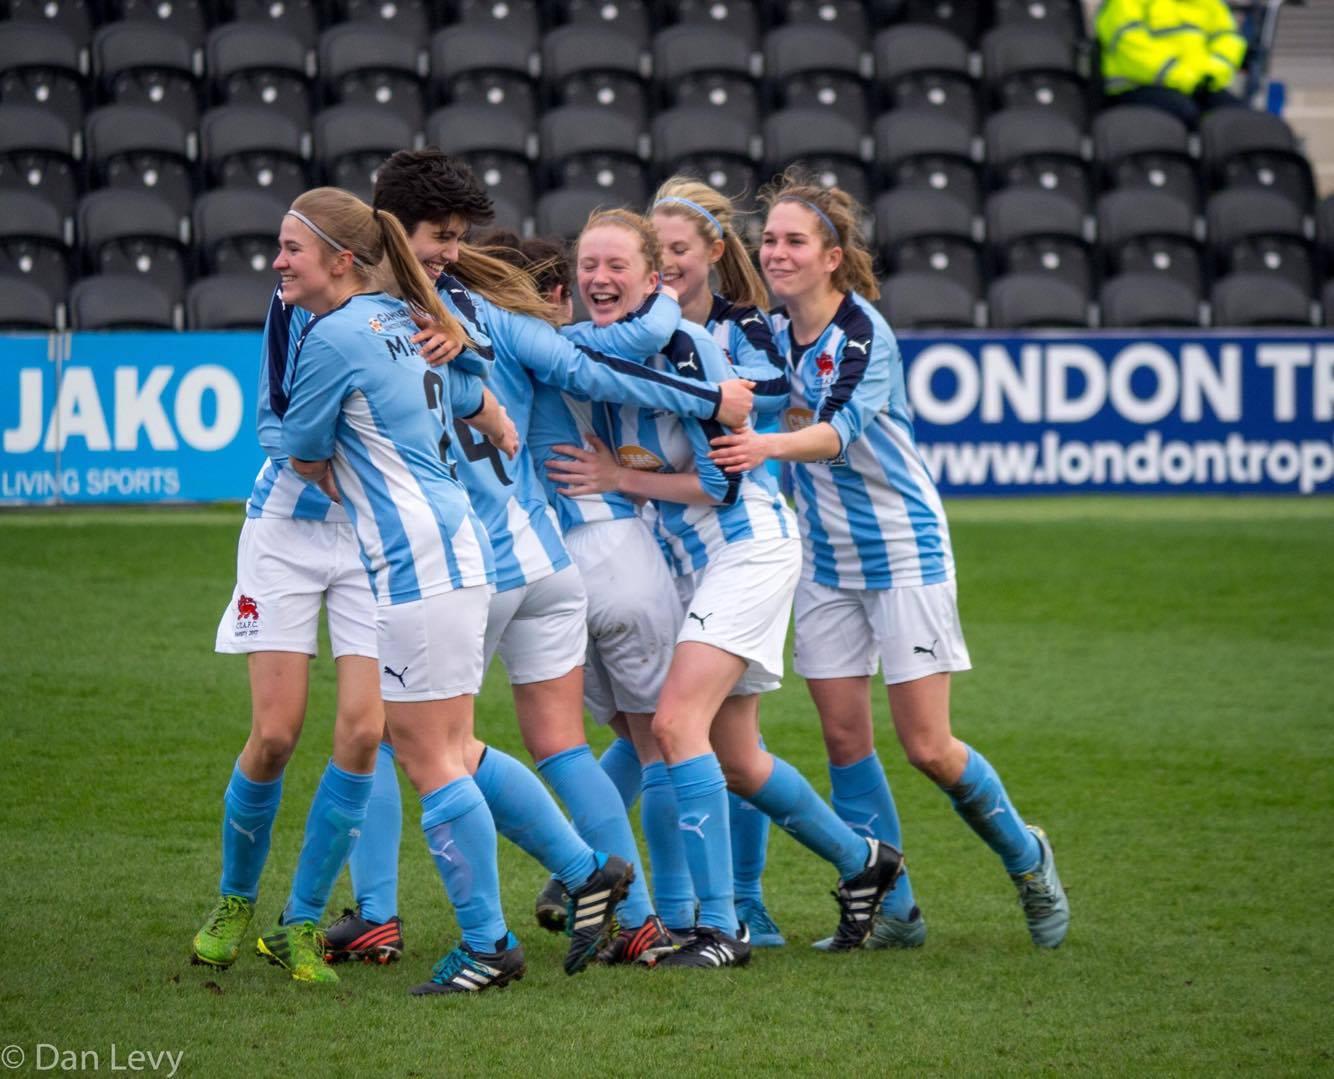 A goal at Women's Football Varsity